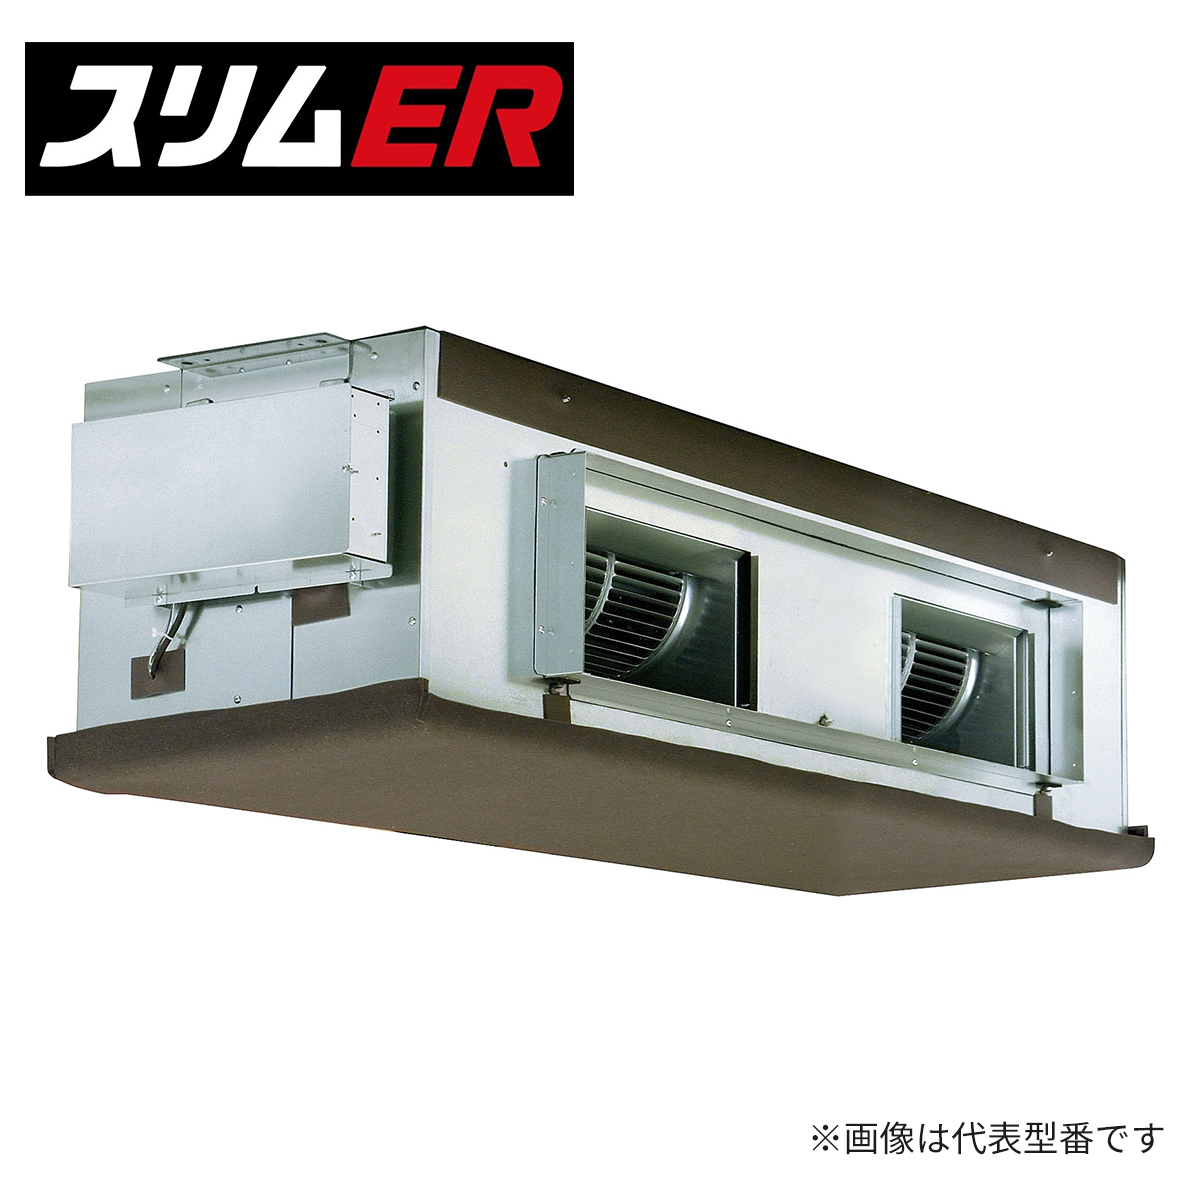 ###三菱 業務用エアコン【PEZ-ERP224BR】スリムER 天井埋込形 標準シングル 三相200V 8馬力